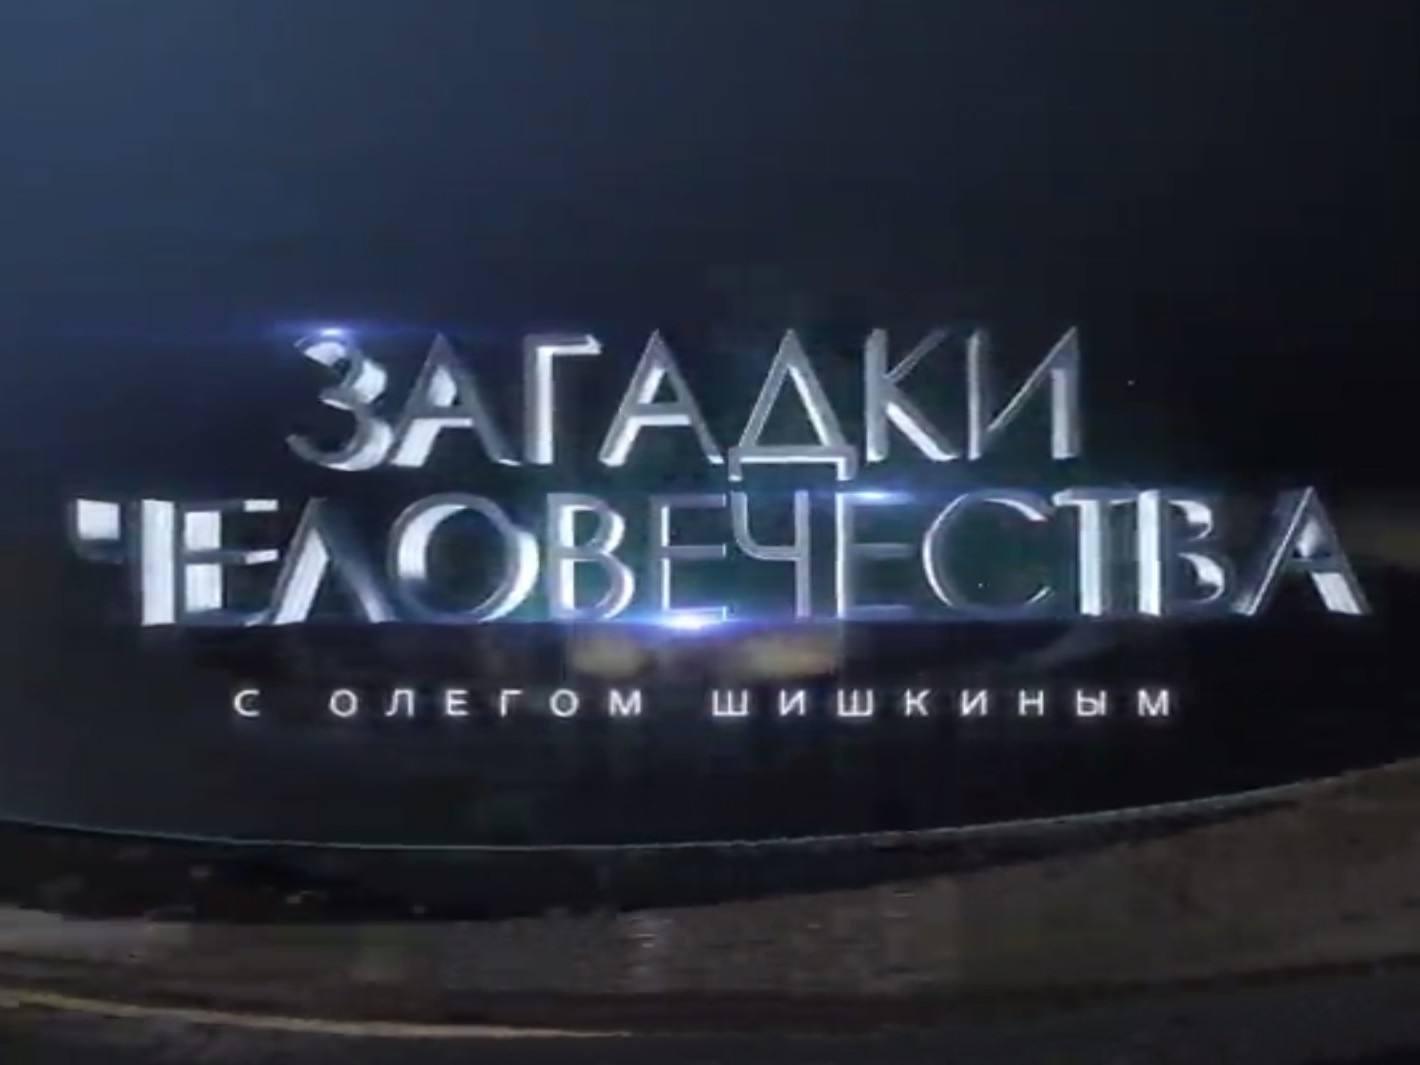 Загадки человечества с Олегом Шишкиным 387 серия в 13:00 на канале